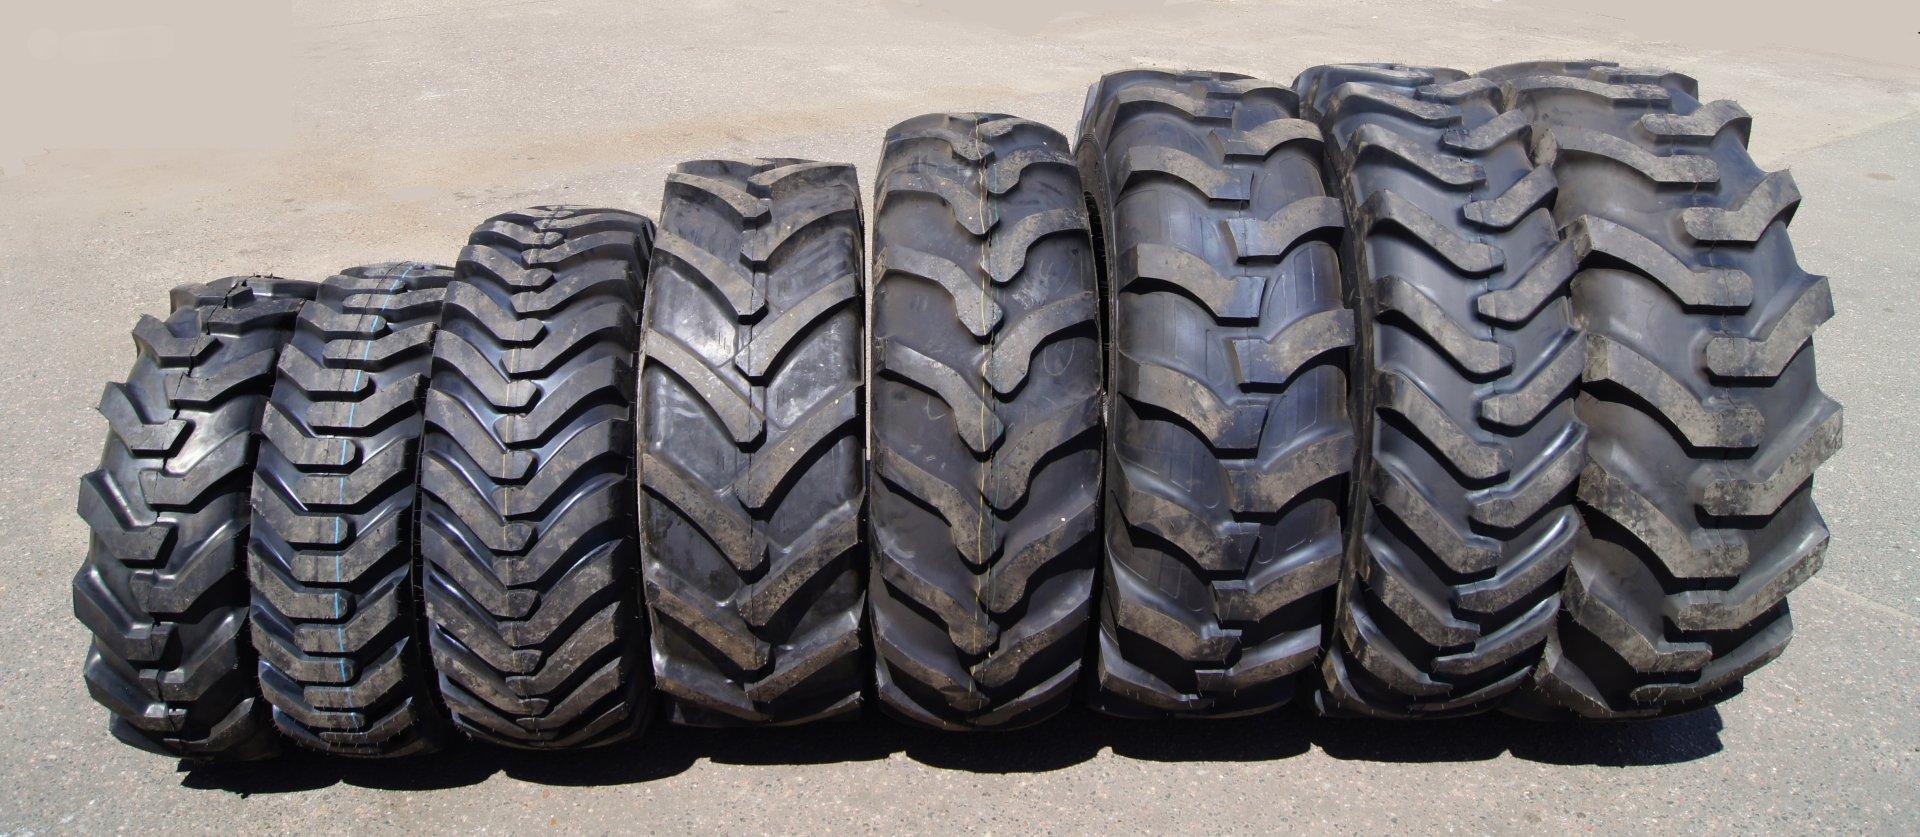 Качественные шины для спецтехники и автомобилей: Nortec и Dunlop